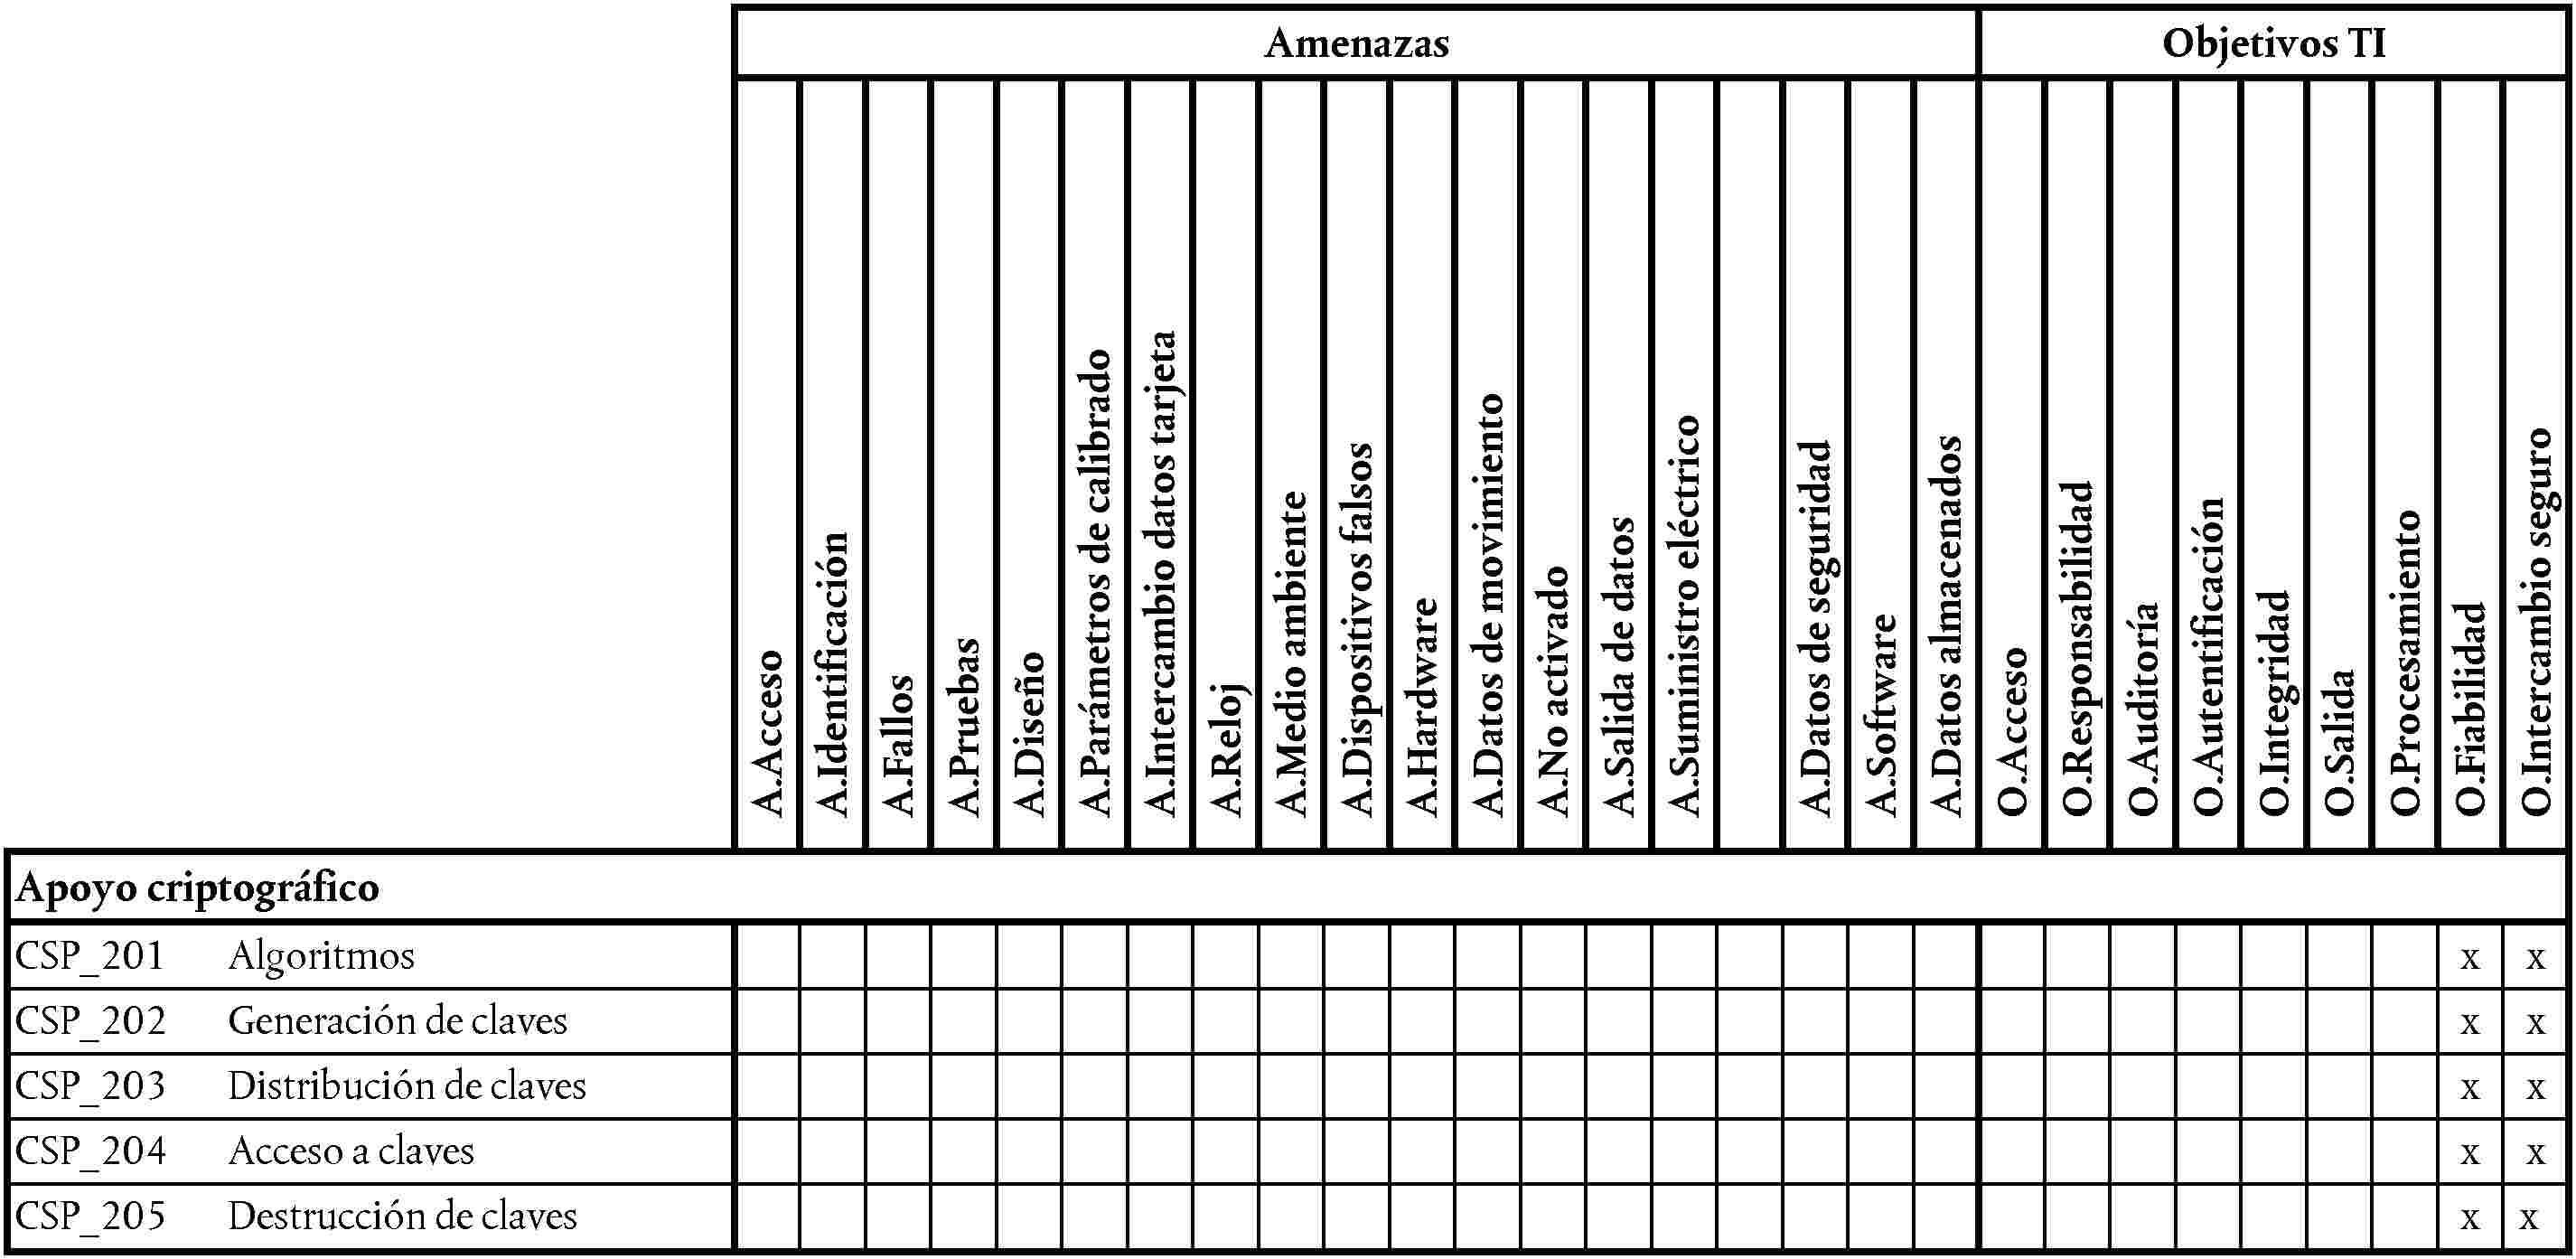 Calendario Imprimir Septiembre Más Reciente Texto Consolidado R3821 — Es — 01 10 2012